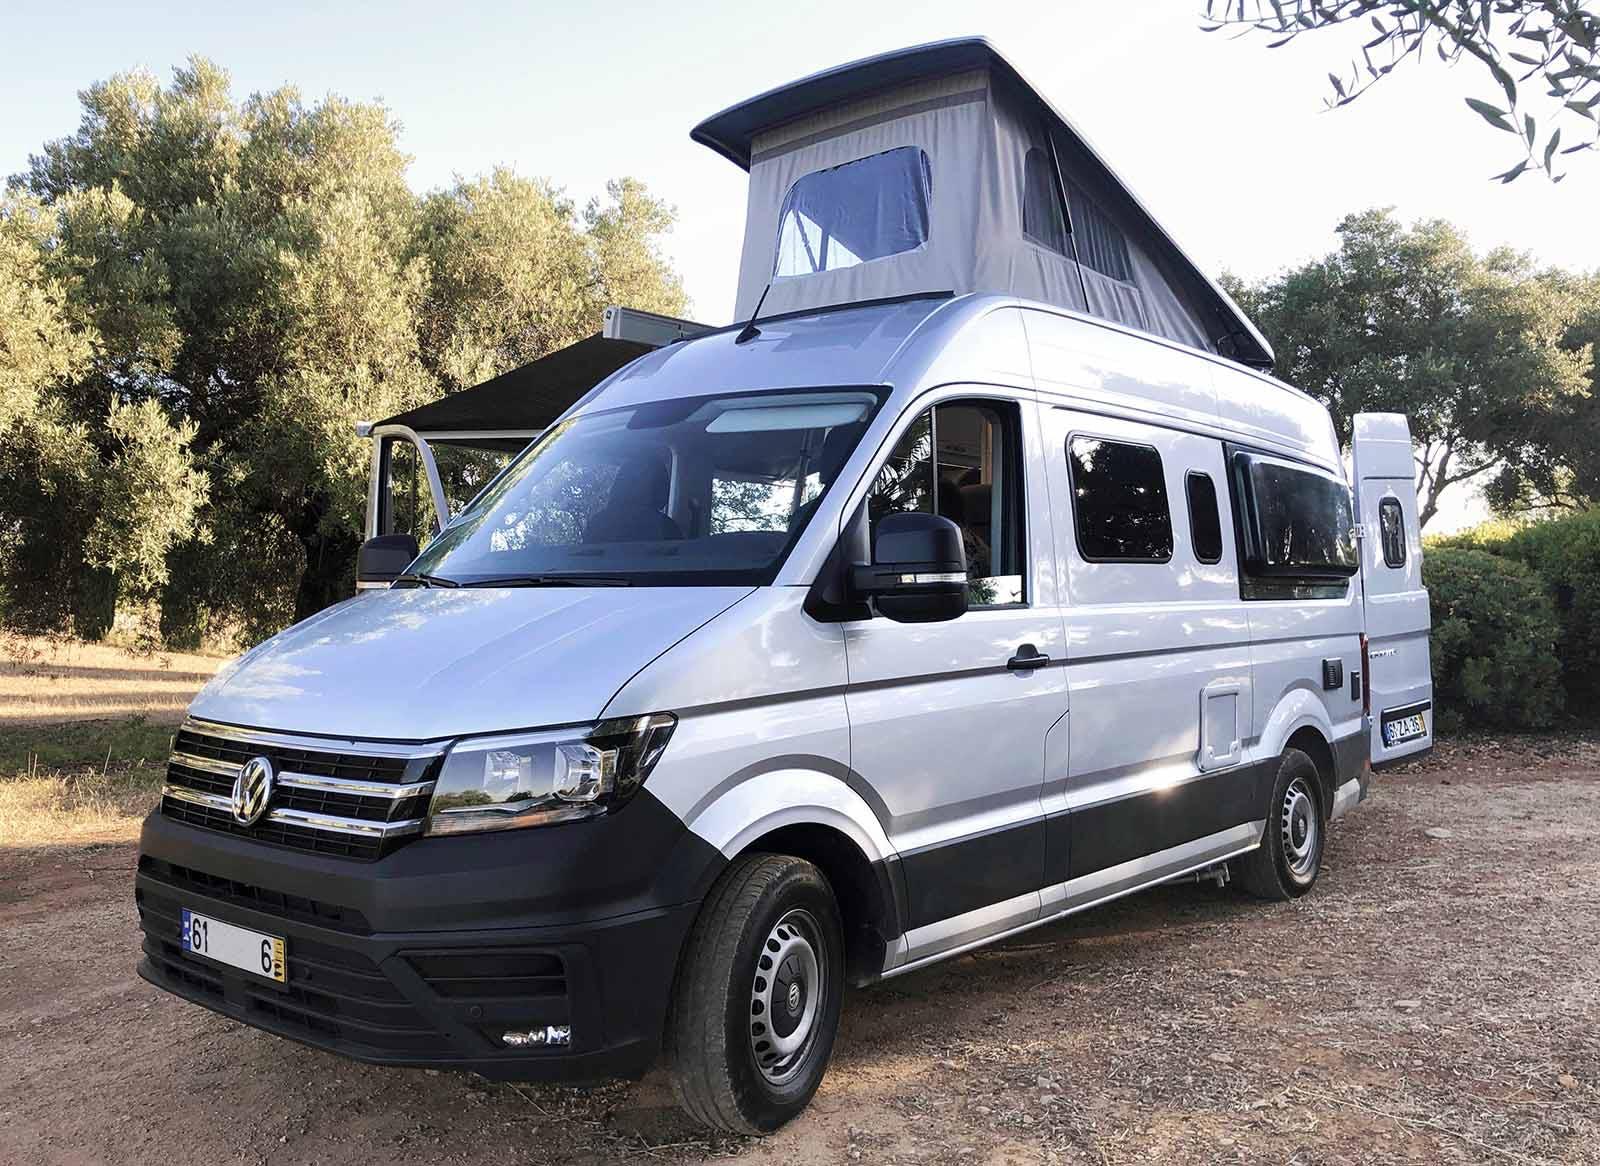 Alquile una autocaravana en Portugal para vivir una aventura de viaje épica.